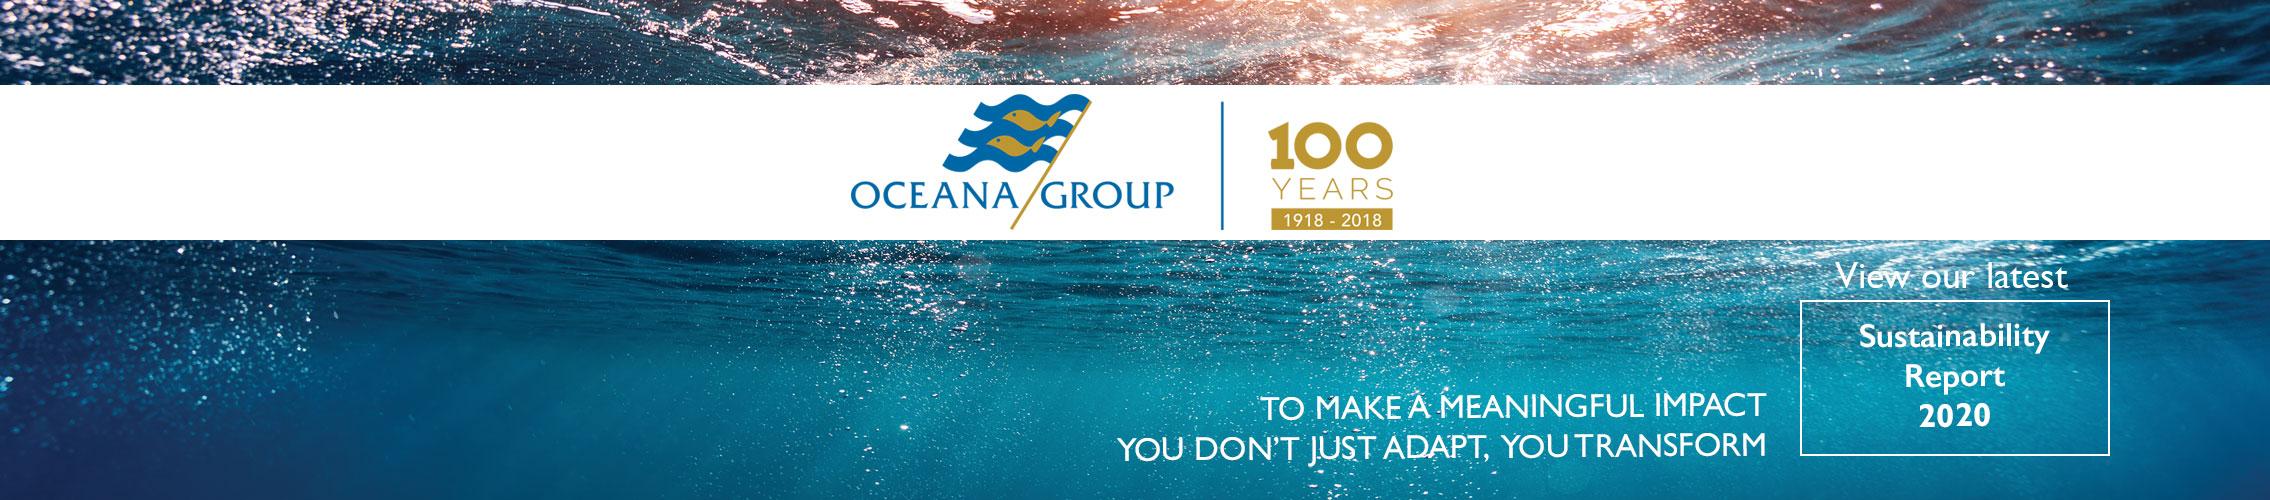 Oceana SR 2020 banner